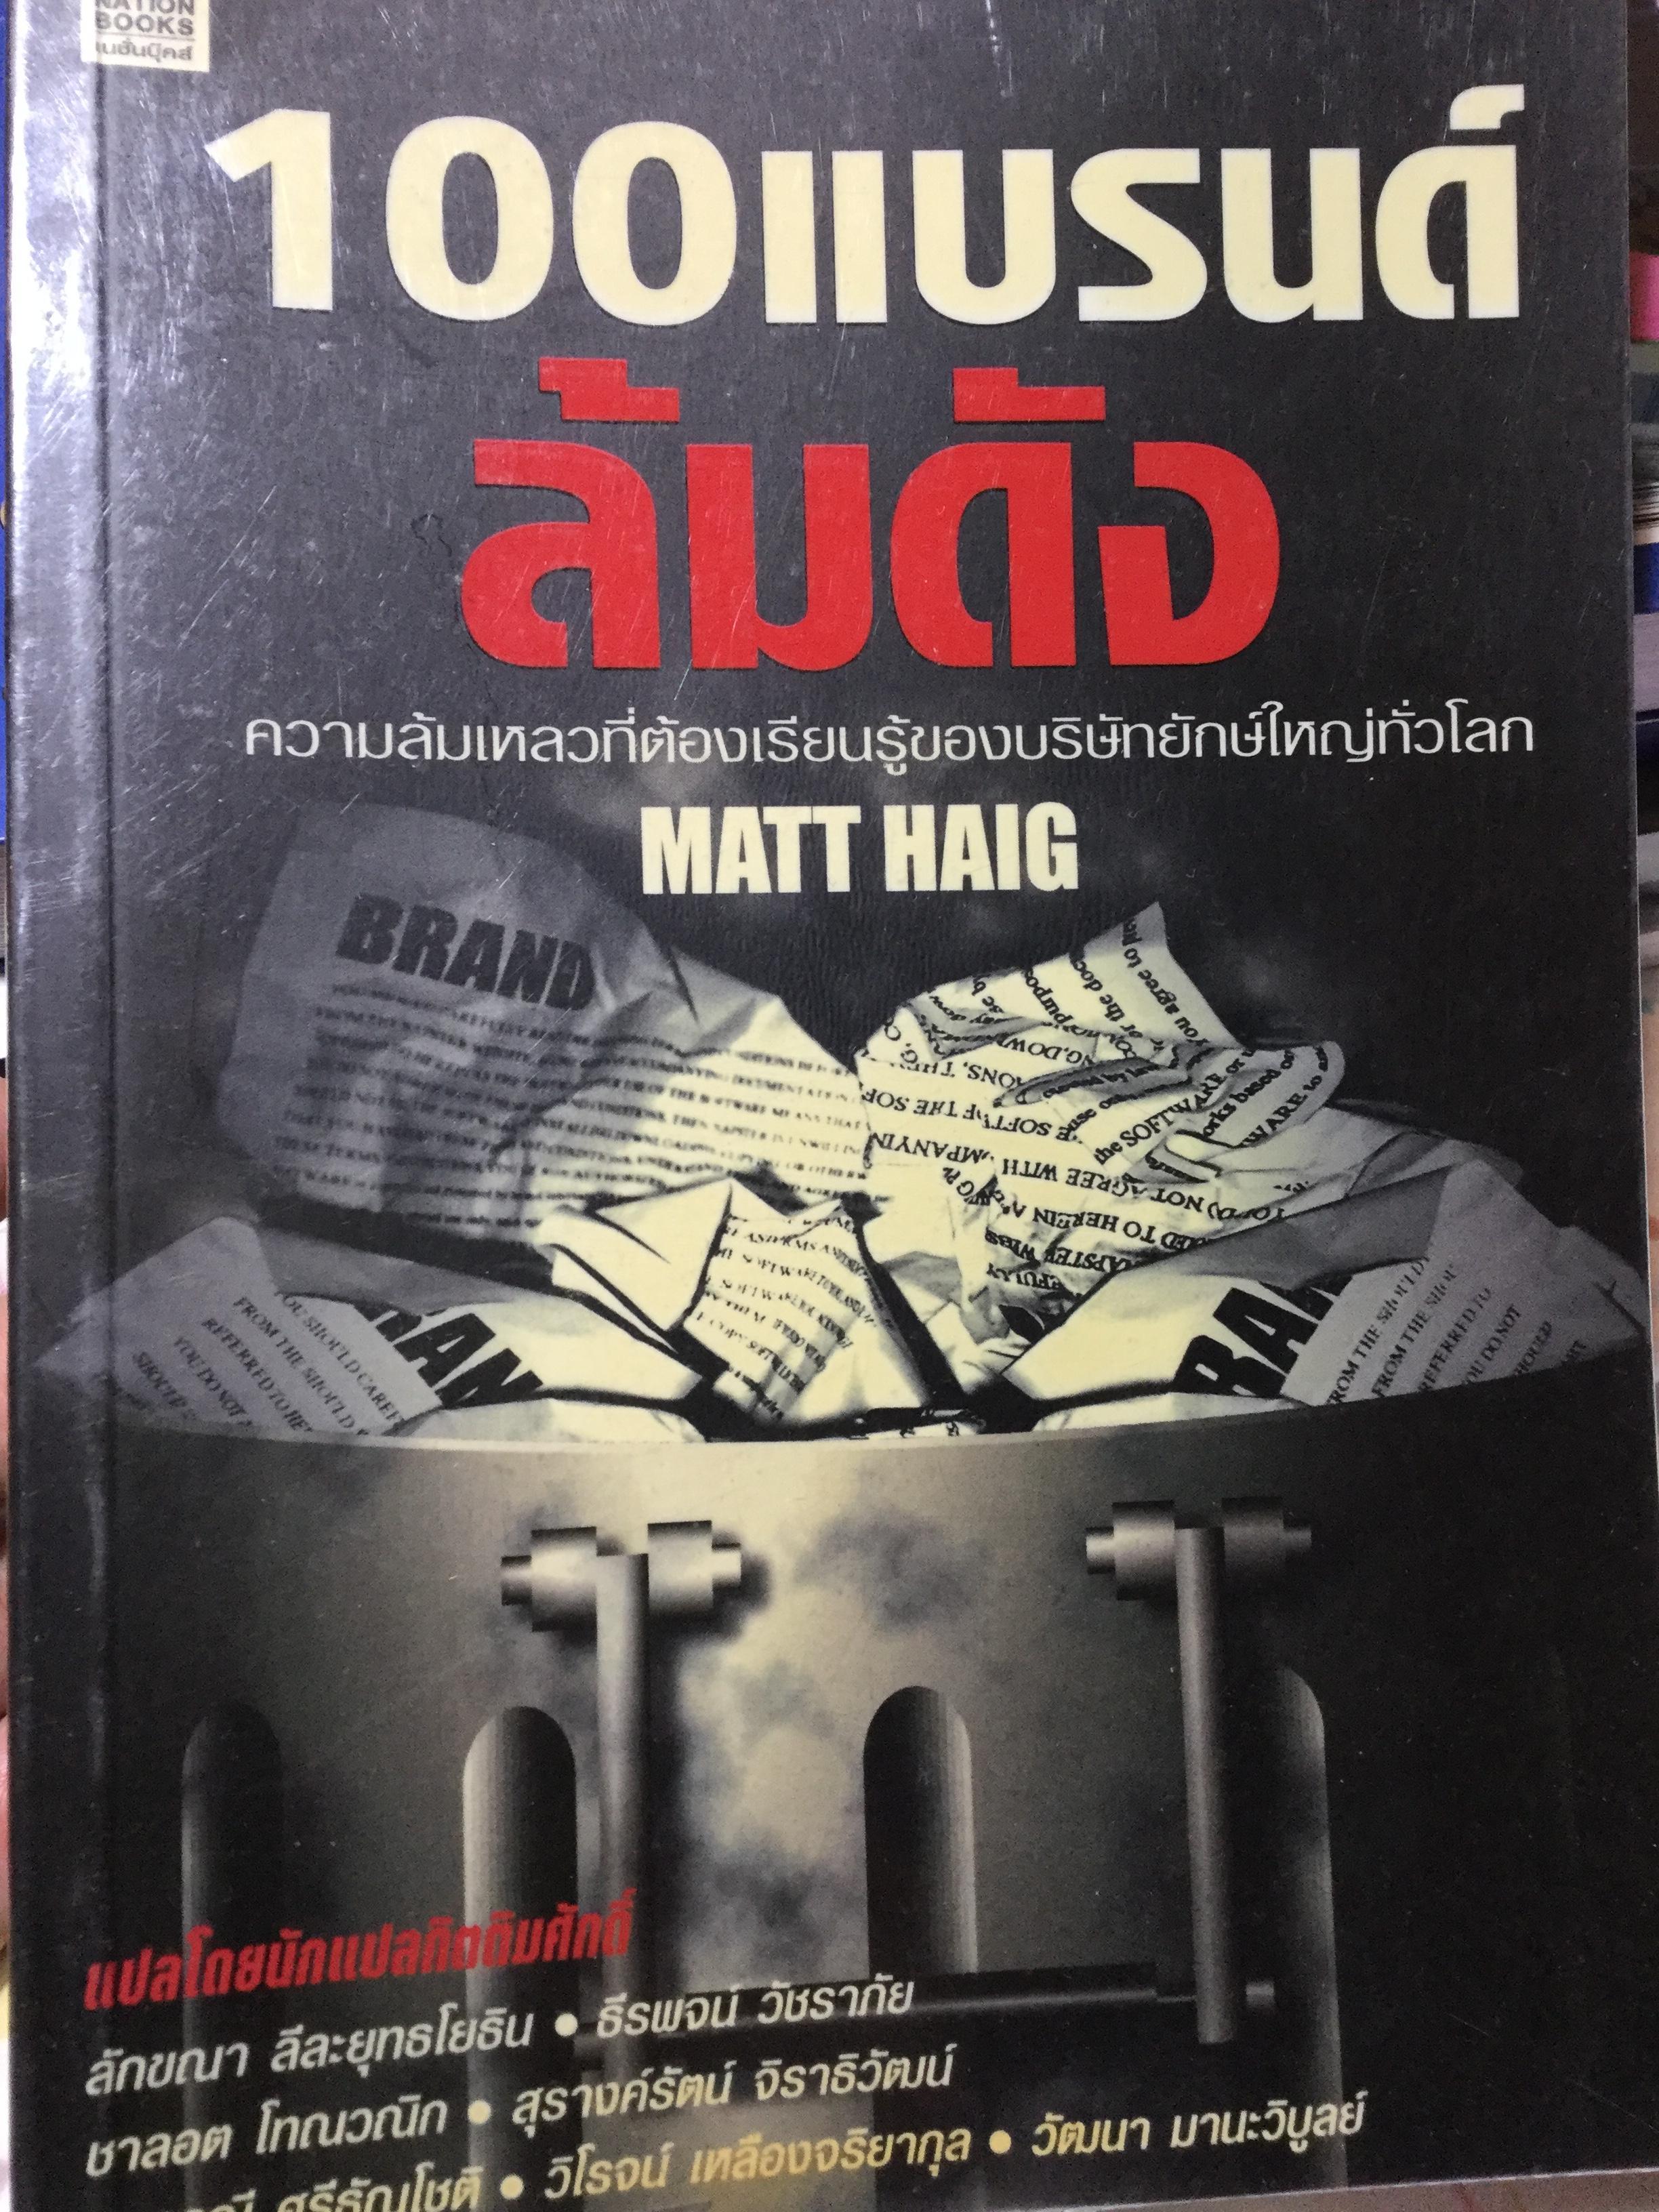 100 แบรนด์ ล้มดัง. ความล้มเหลวที่ต้องเรียนรู้ของบริษัทยักษ์ใหญ่ทั่วโลก ผู้เขียน. Matt Haig